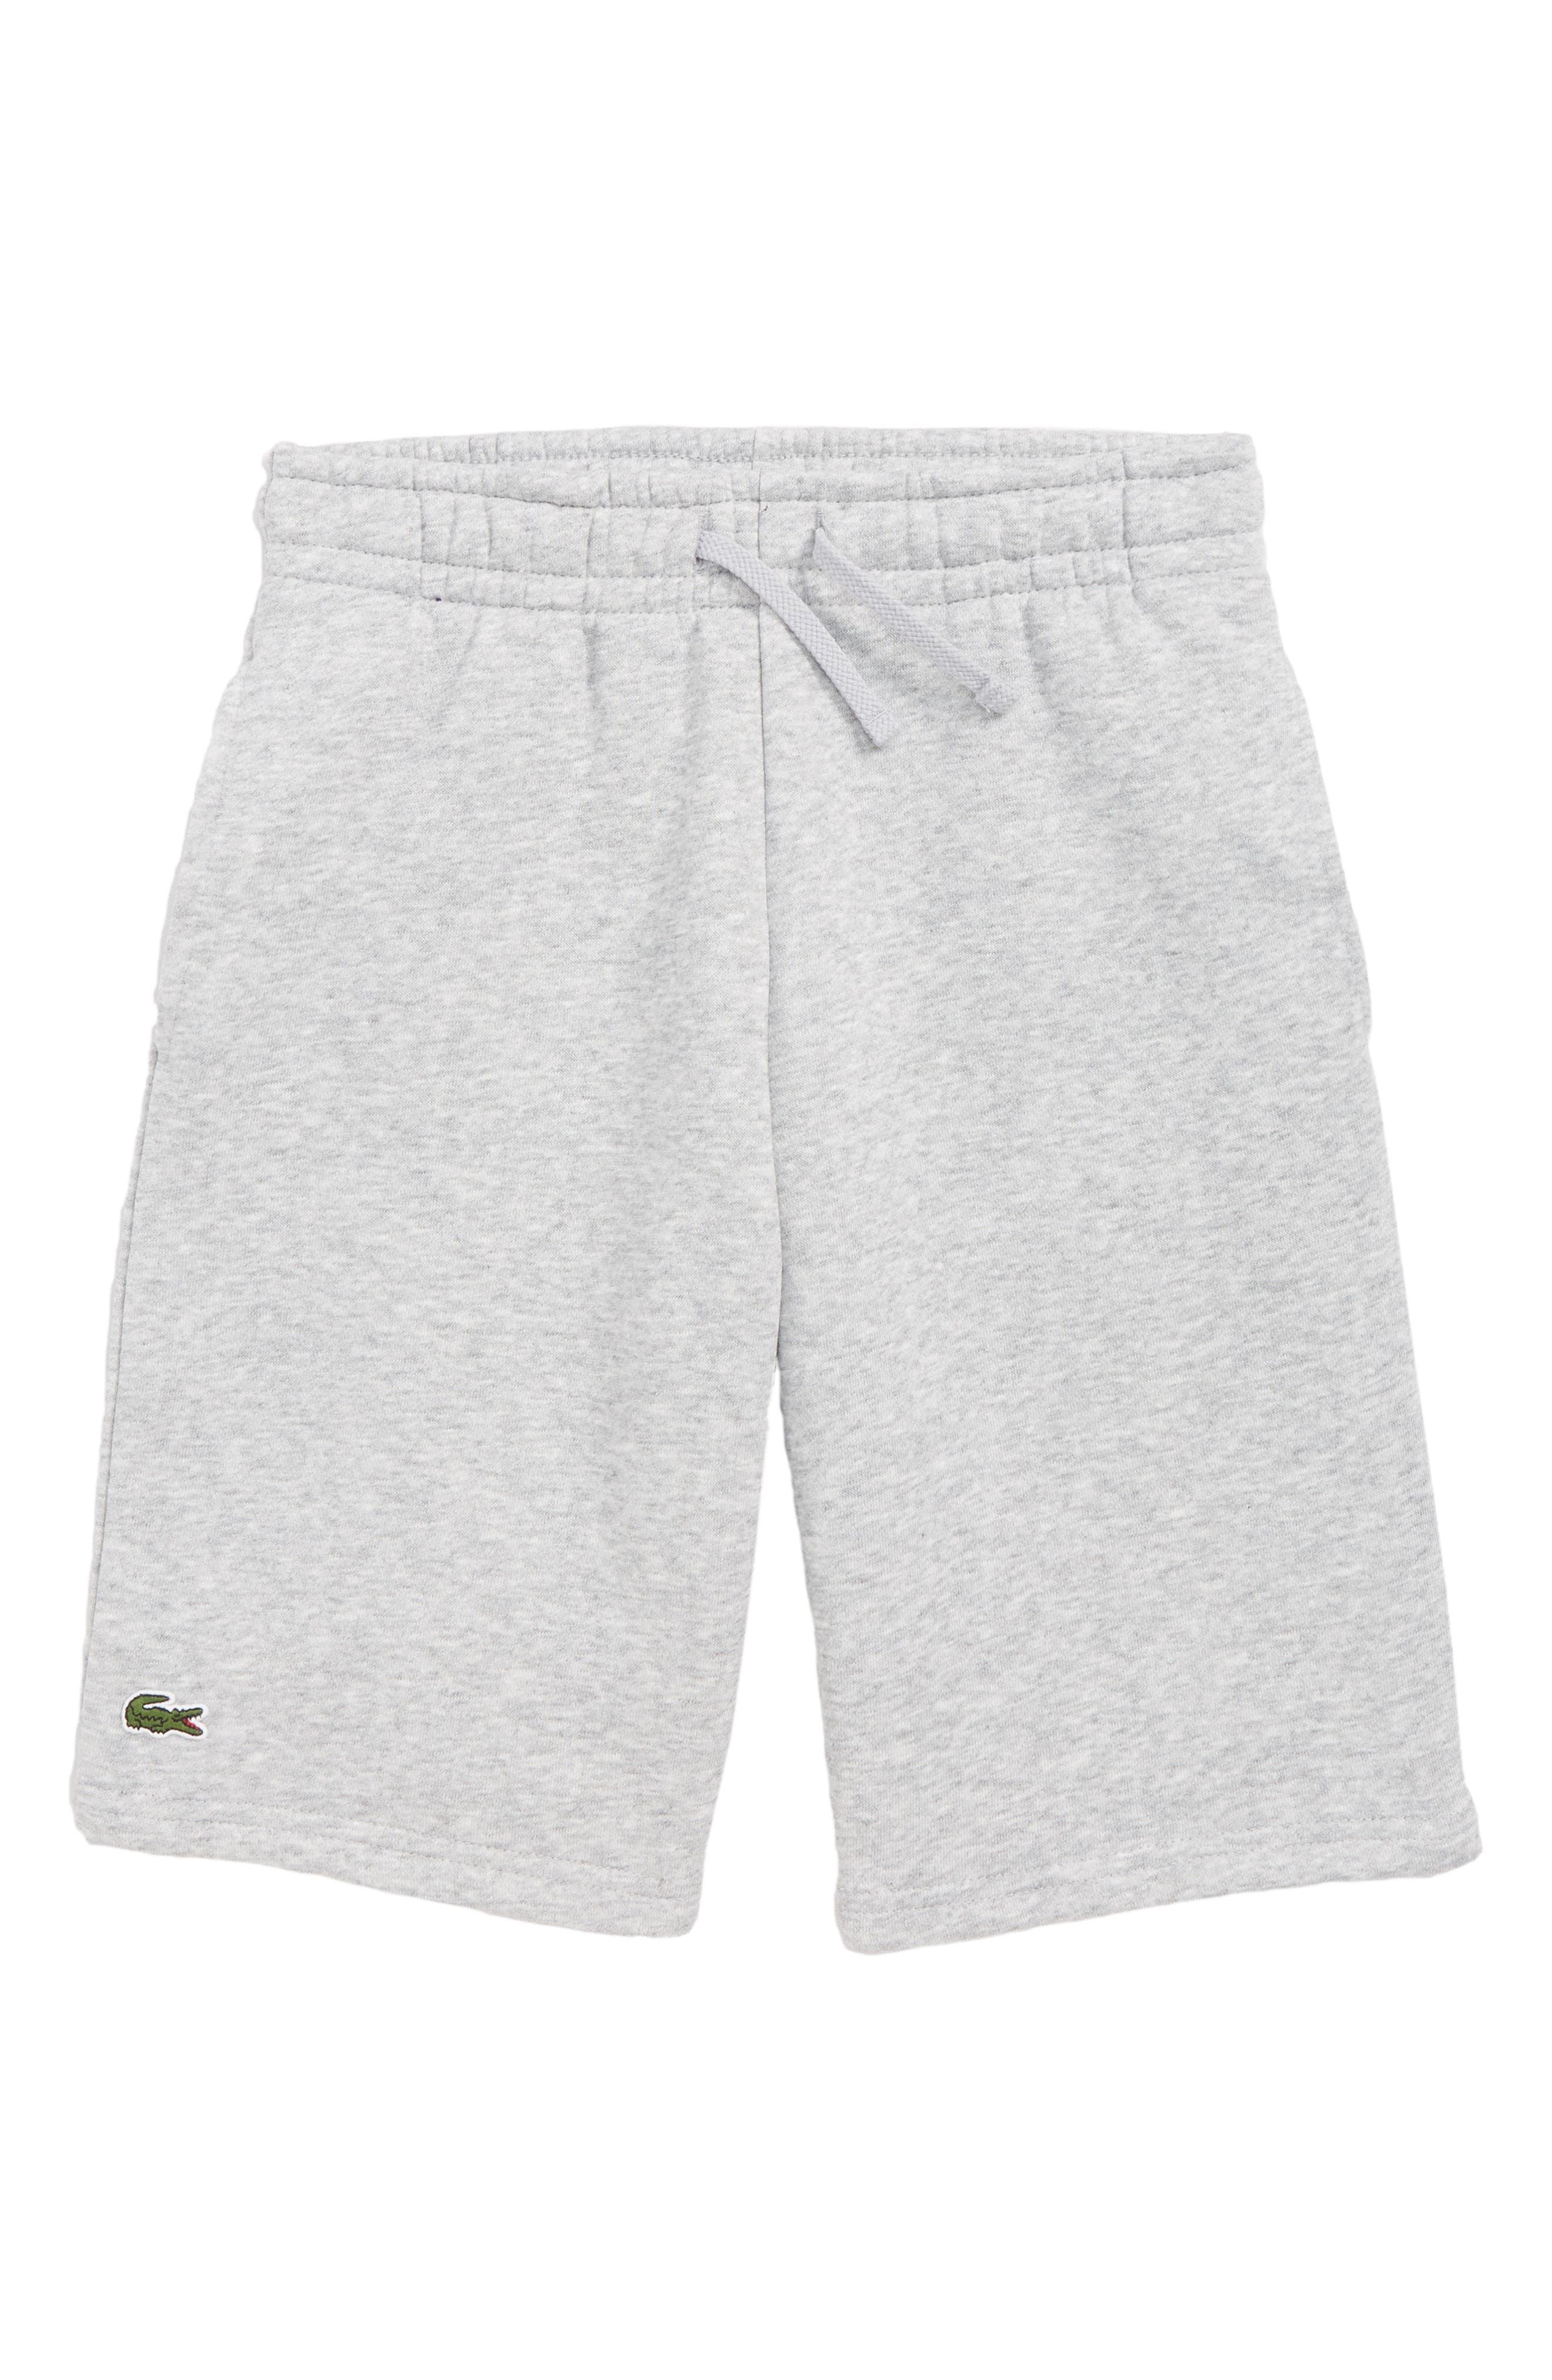 Fleece Shorts,                             Main thumbnail 1, color,                             SILVER GREY